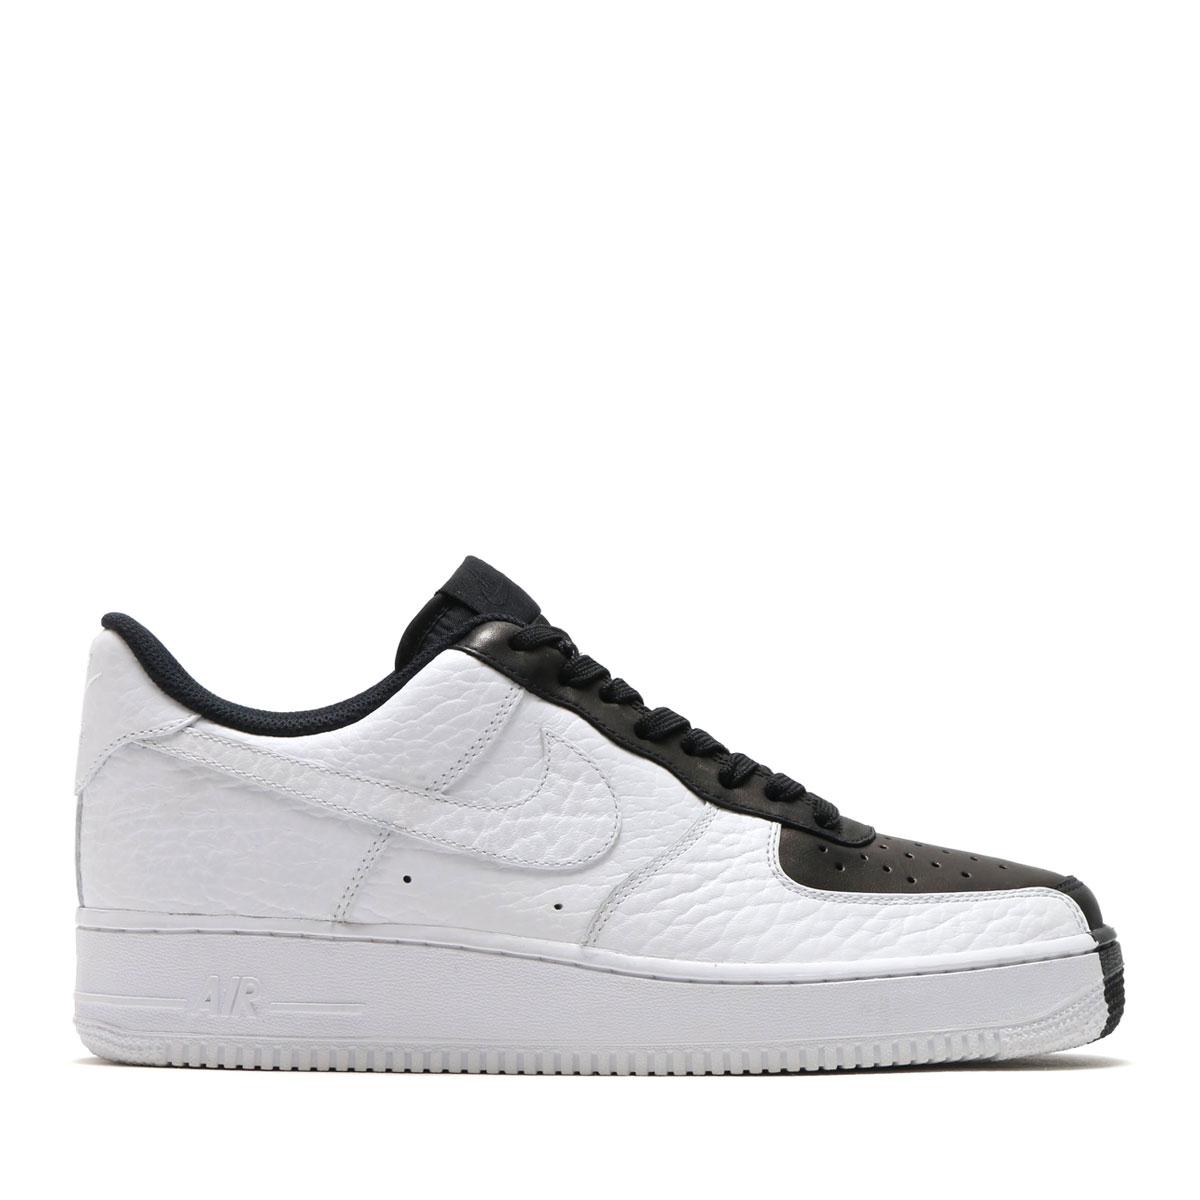 1 07 Nike Prmnike Black '07 I Air Force PremiumBlackwhite 18sp vnN0wO8ym